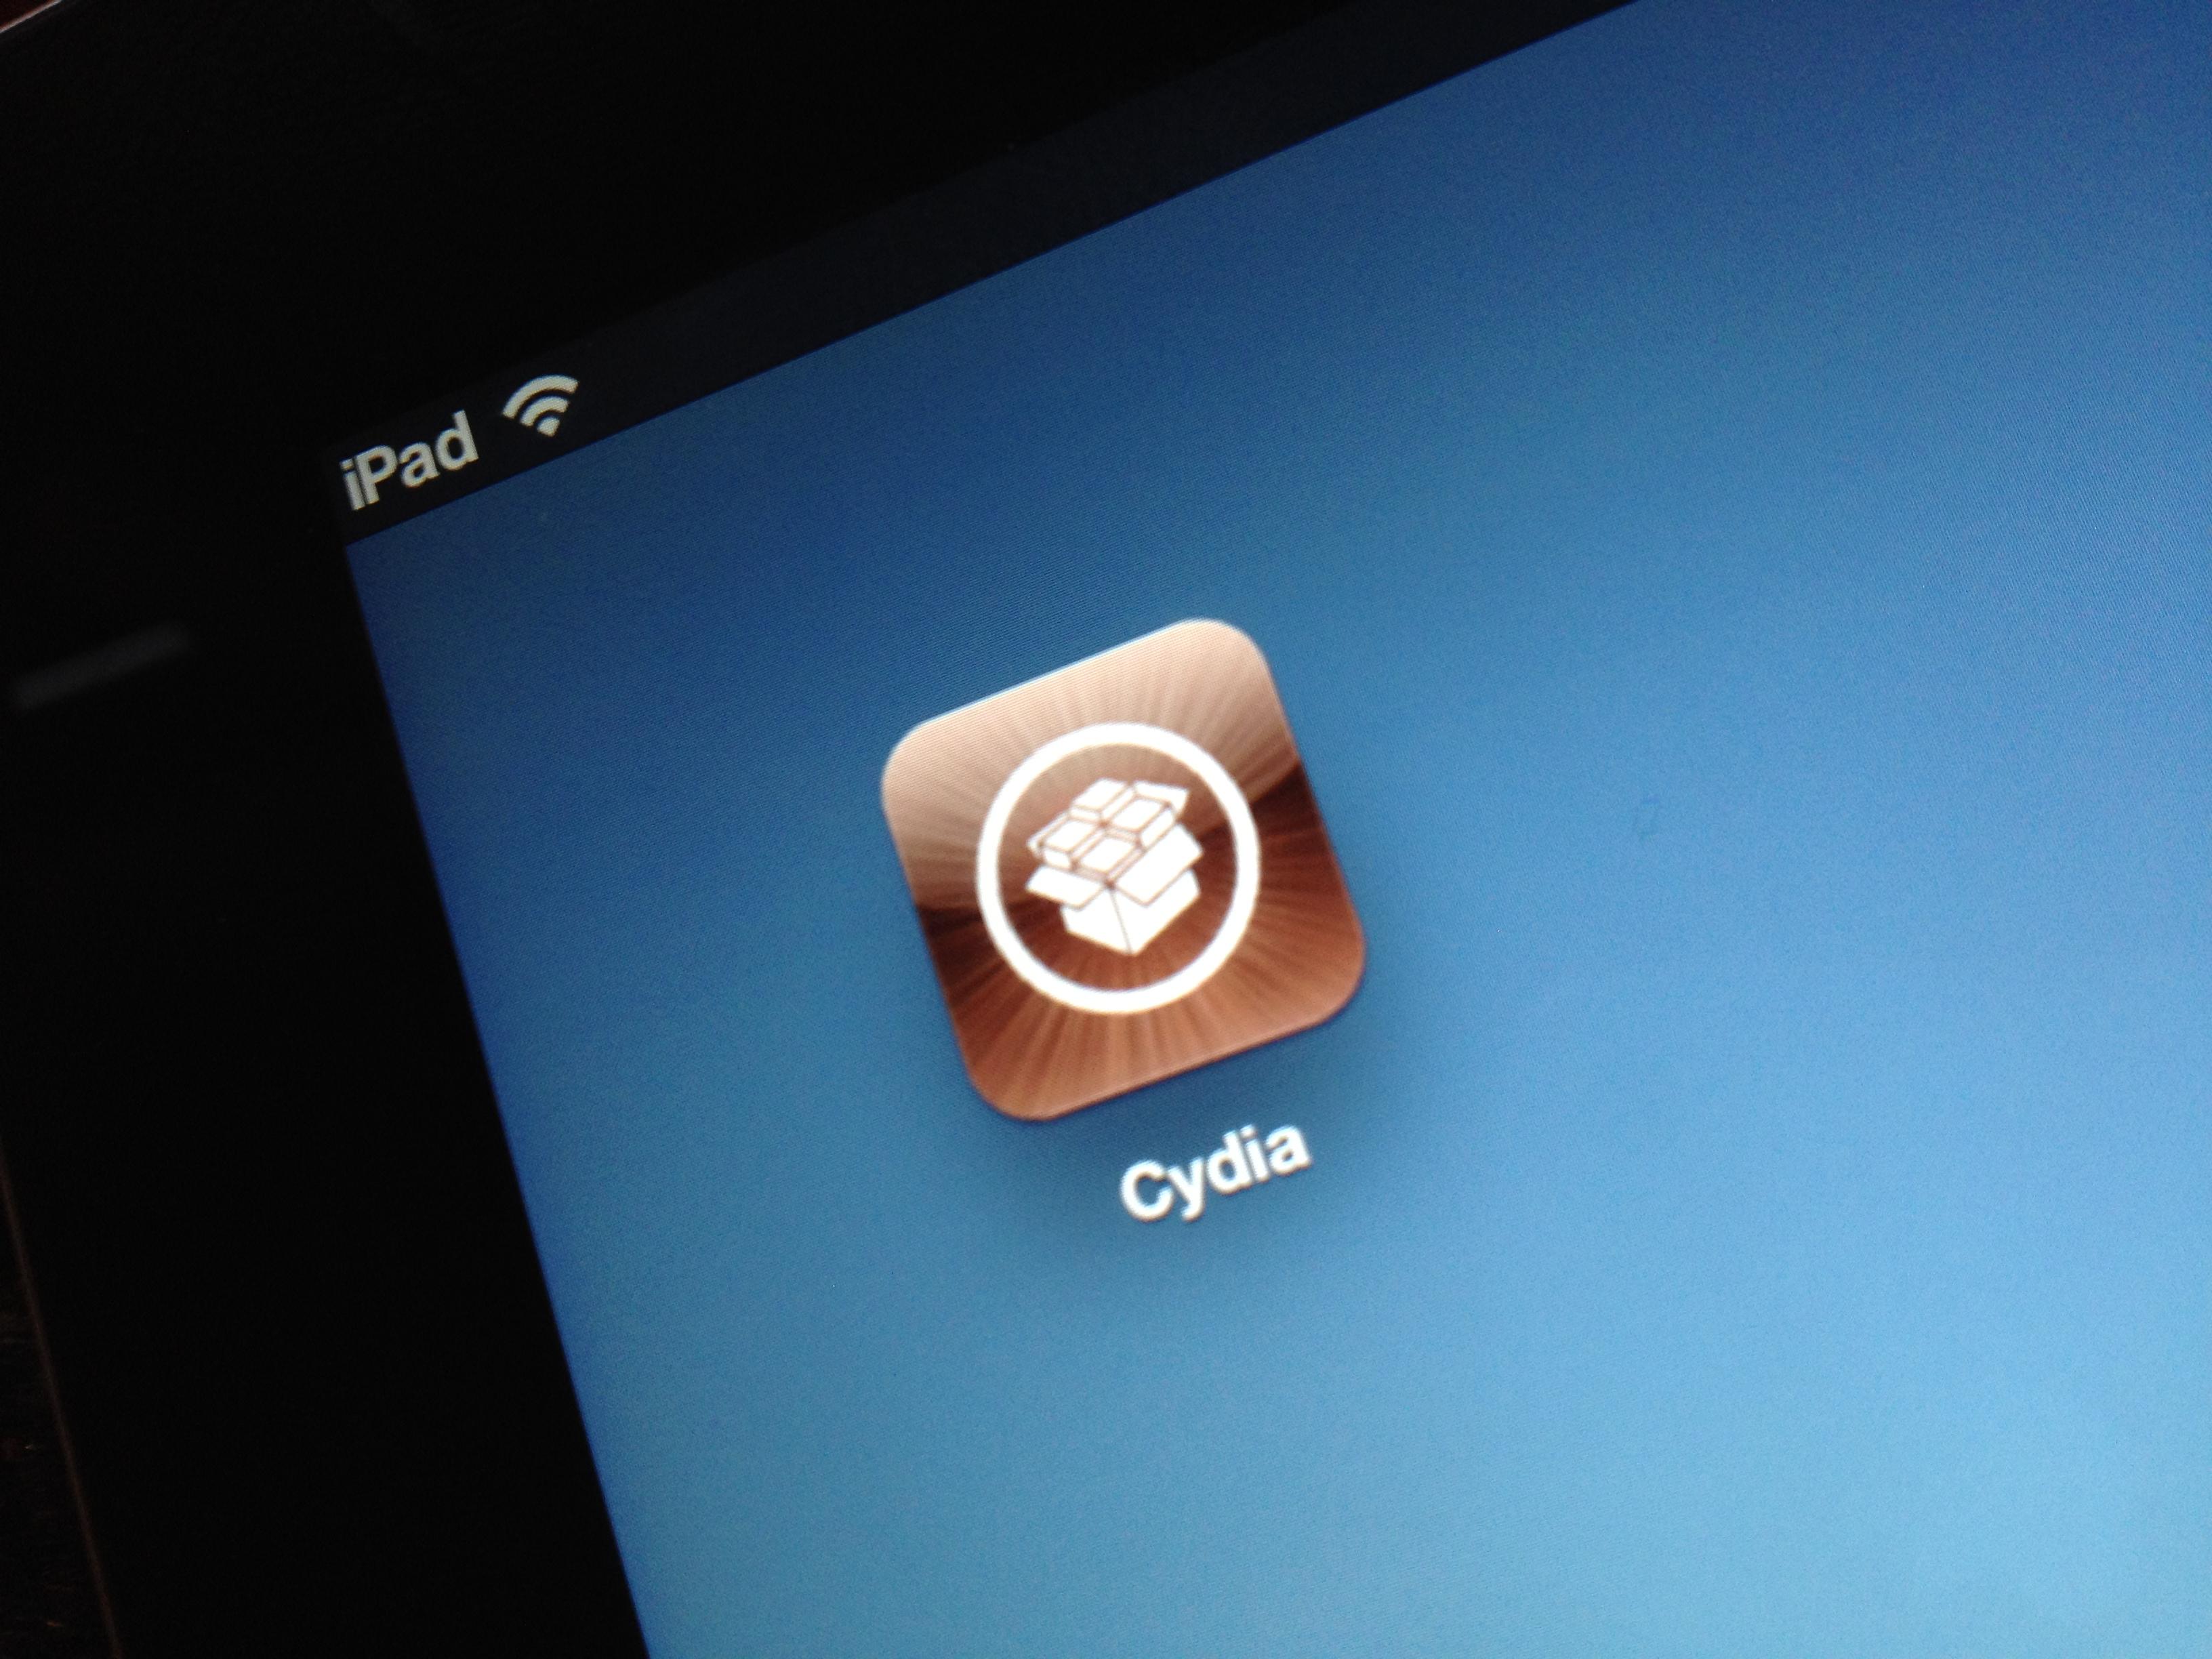 Непривязанный джейлбрейк iOS 5.1.1 совсем скоро.